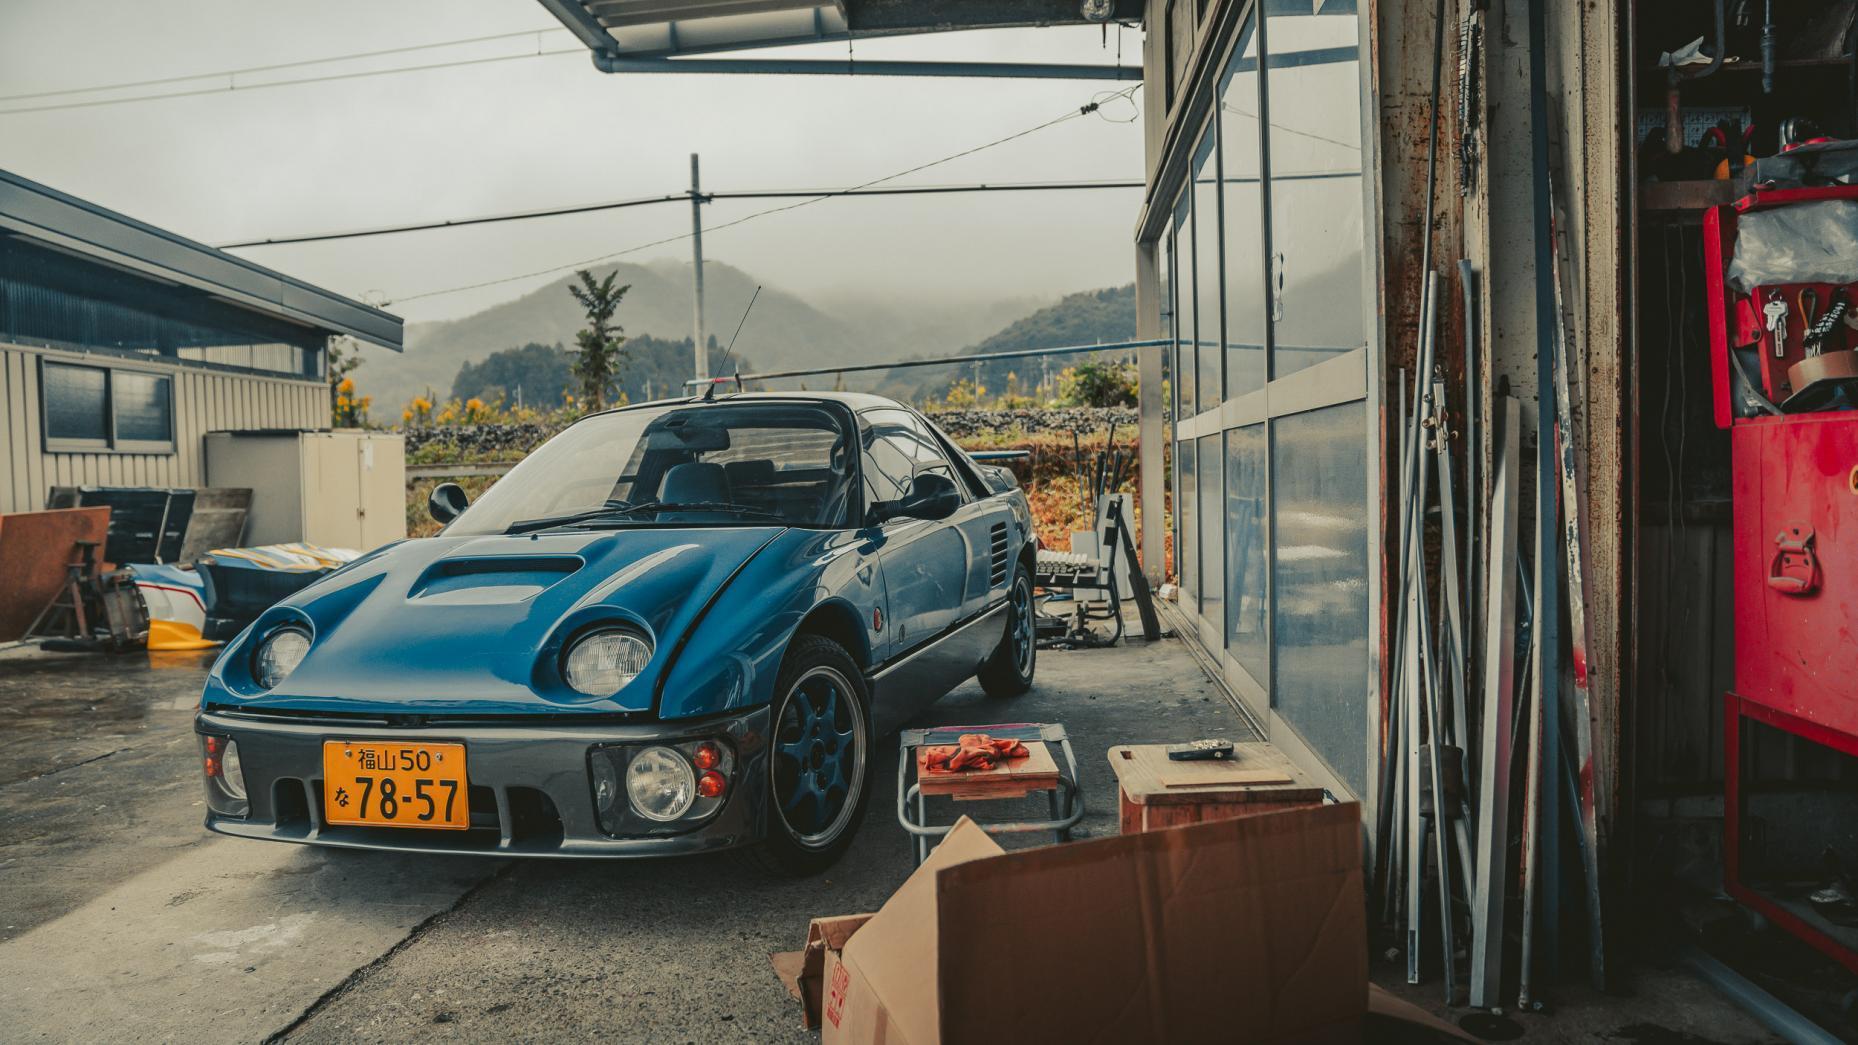 Japans autokerkhof Autozam AZ-1